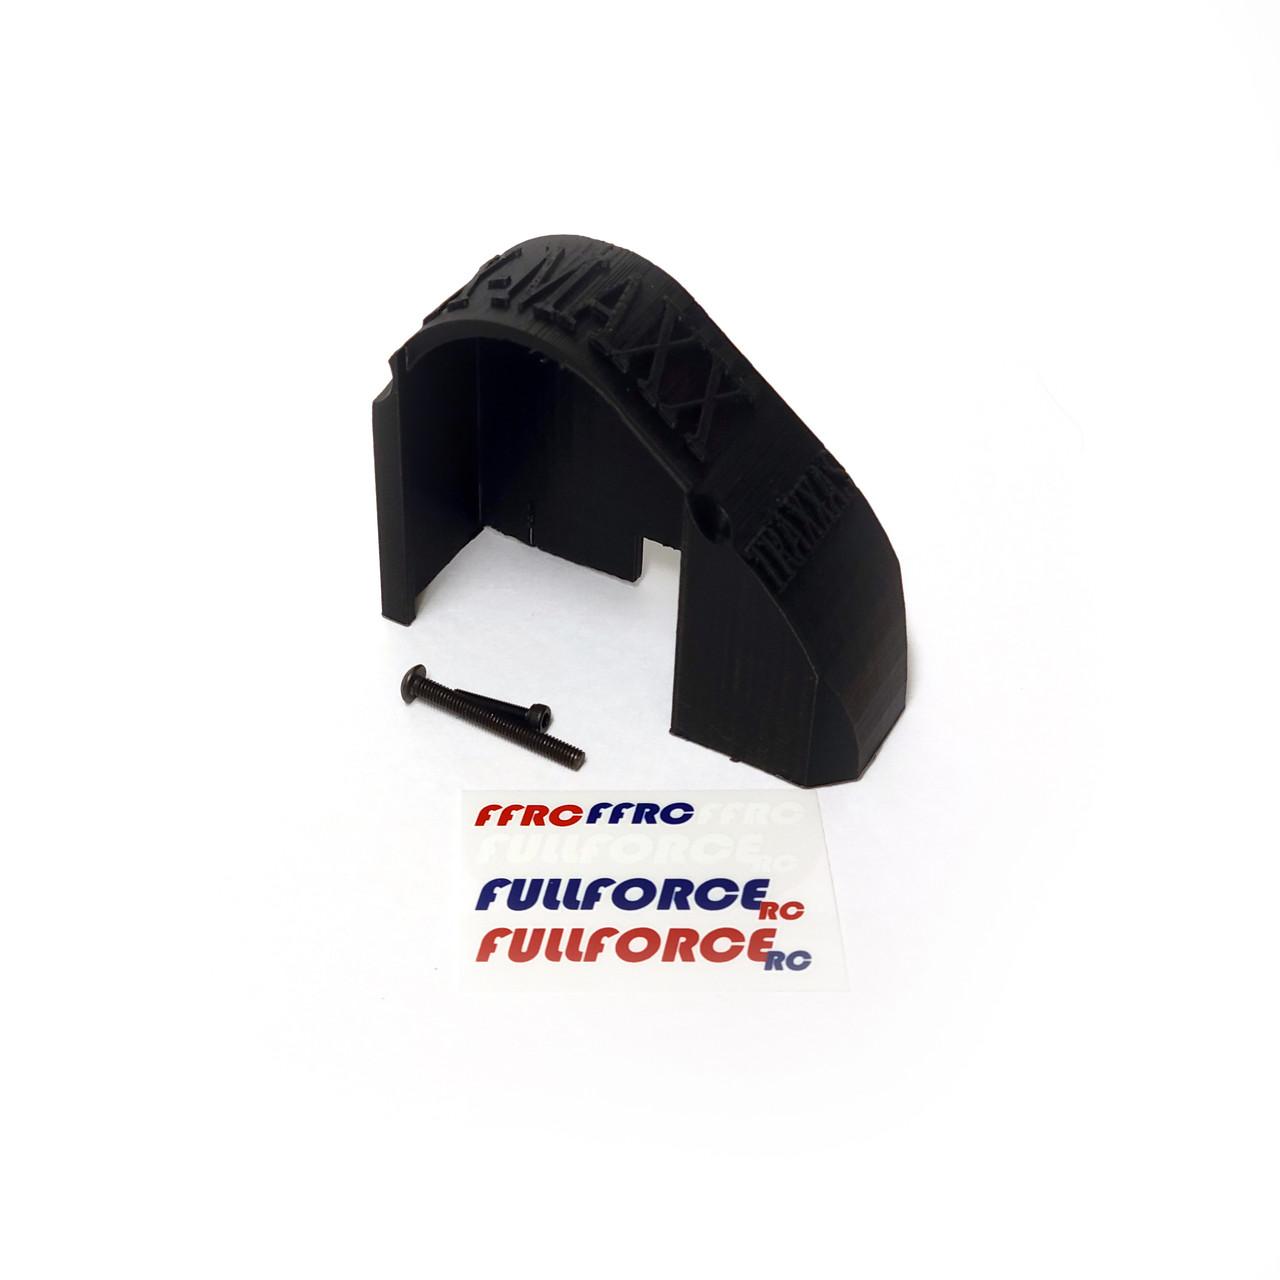 Traxxas X-MAXX Mod Gear Cover in Black ABS